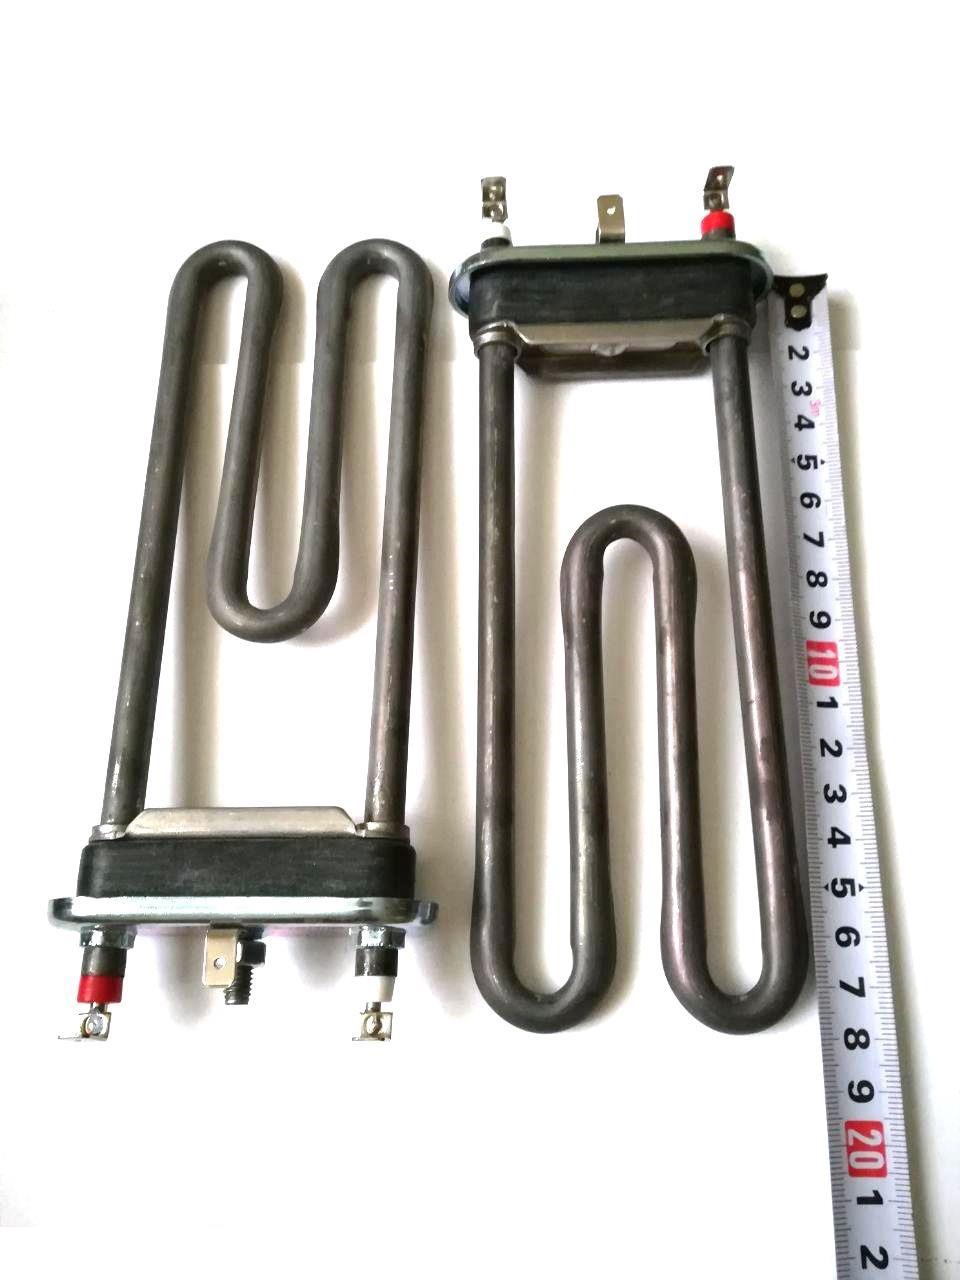 Тэн на стиральную машину 1900W / L=183мм (без отверстия под датчик)  / Thermowatt (Италия)